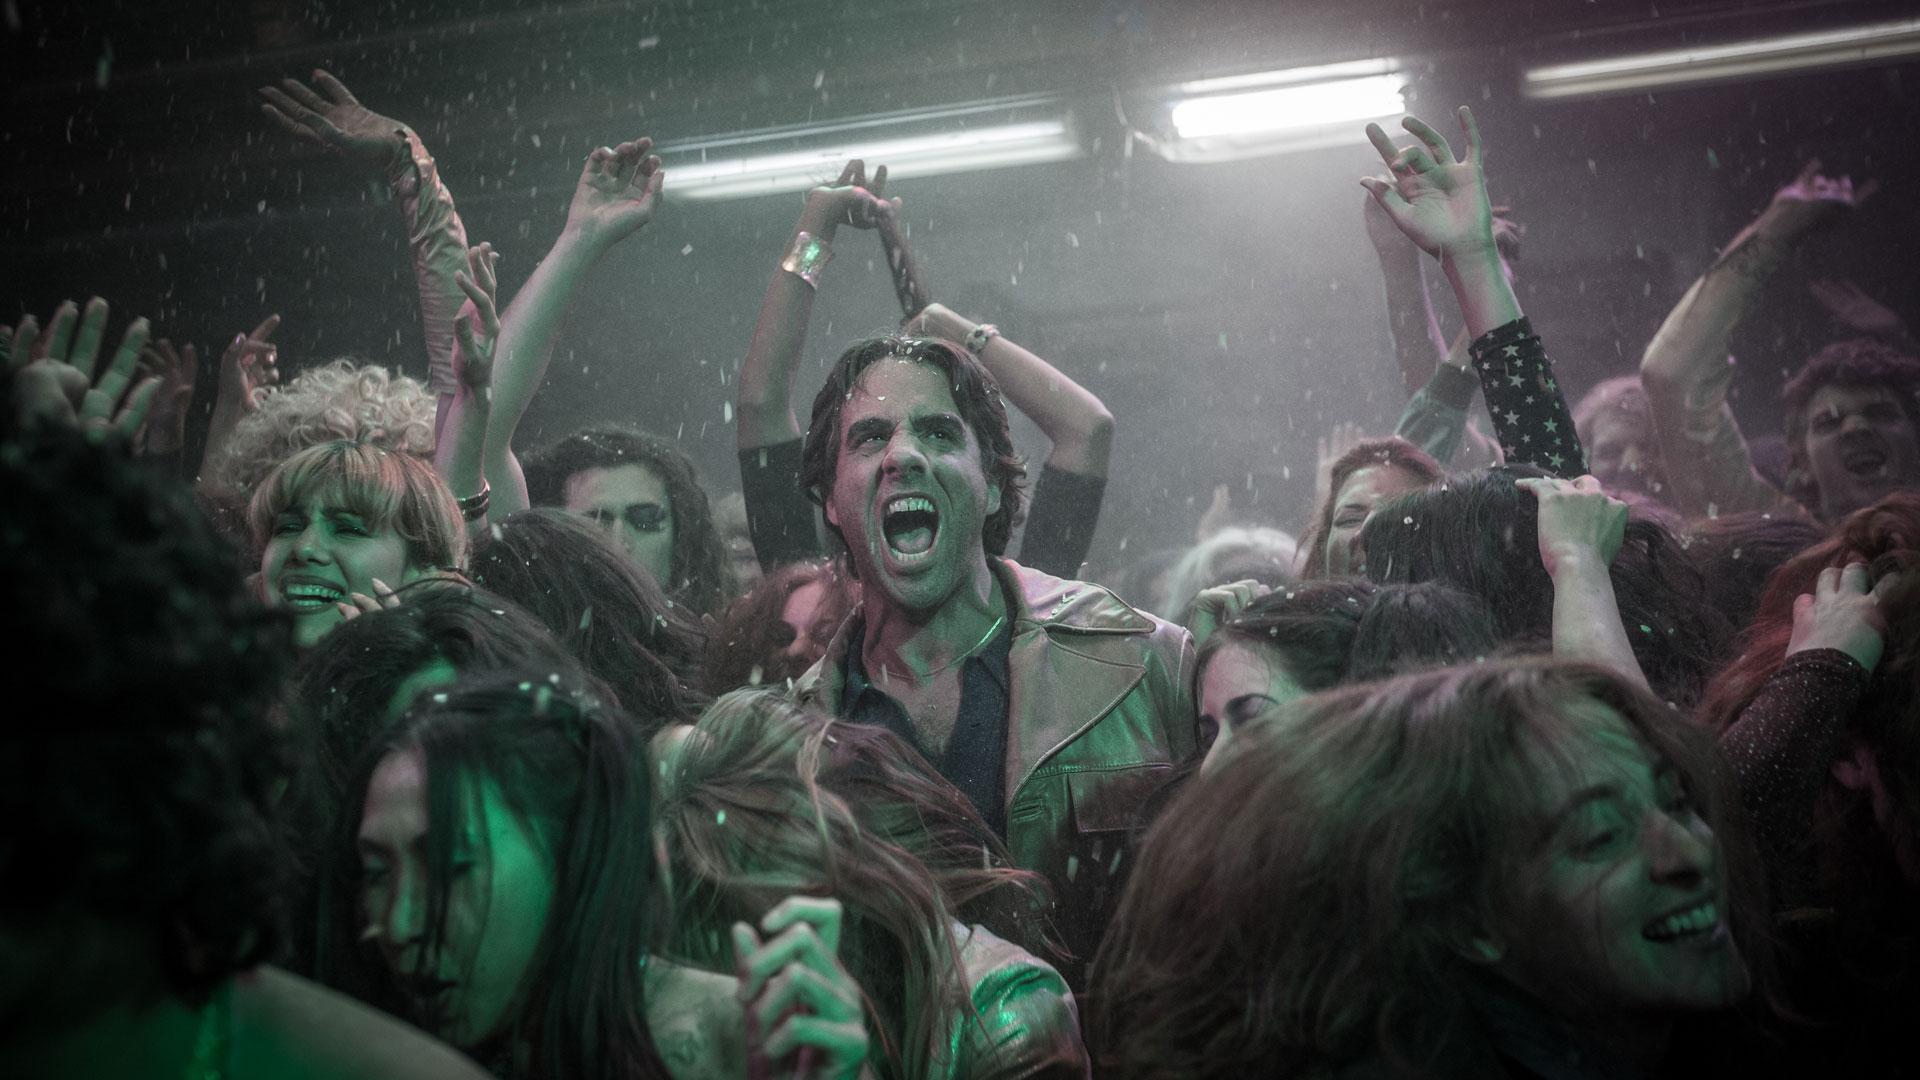 VINYL ist die neue HBO-Dramaserie von Mick Jagger und Martin Scorsese